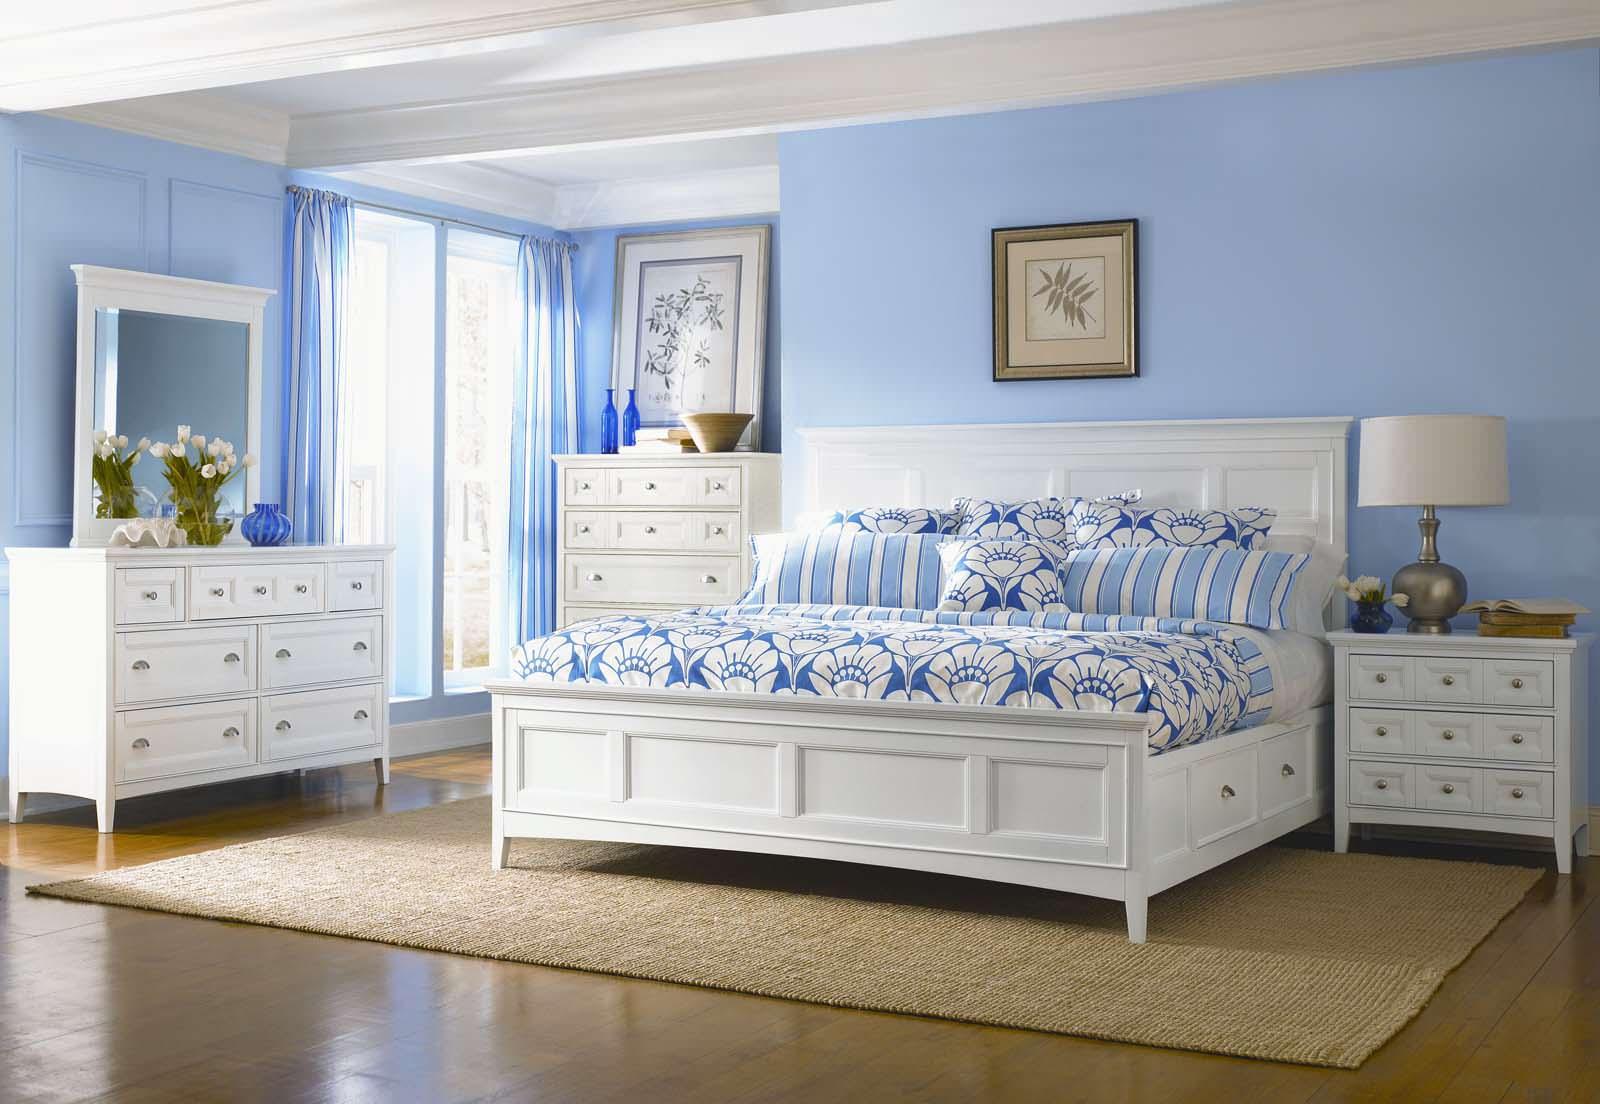 Голубая спальня (50 фото): удачные сочетания цветов в дизайне интерьеров